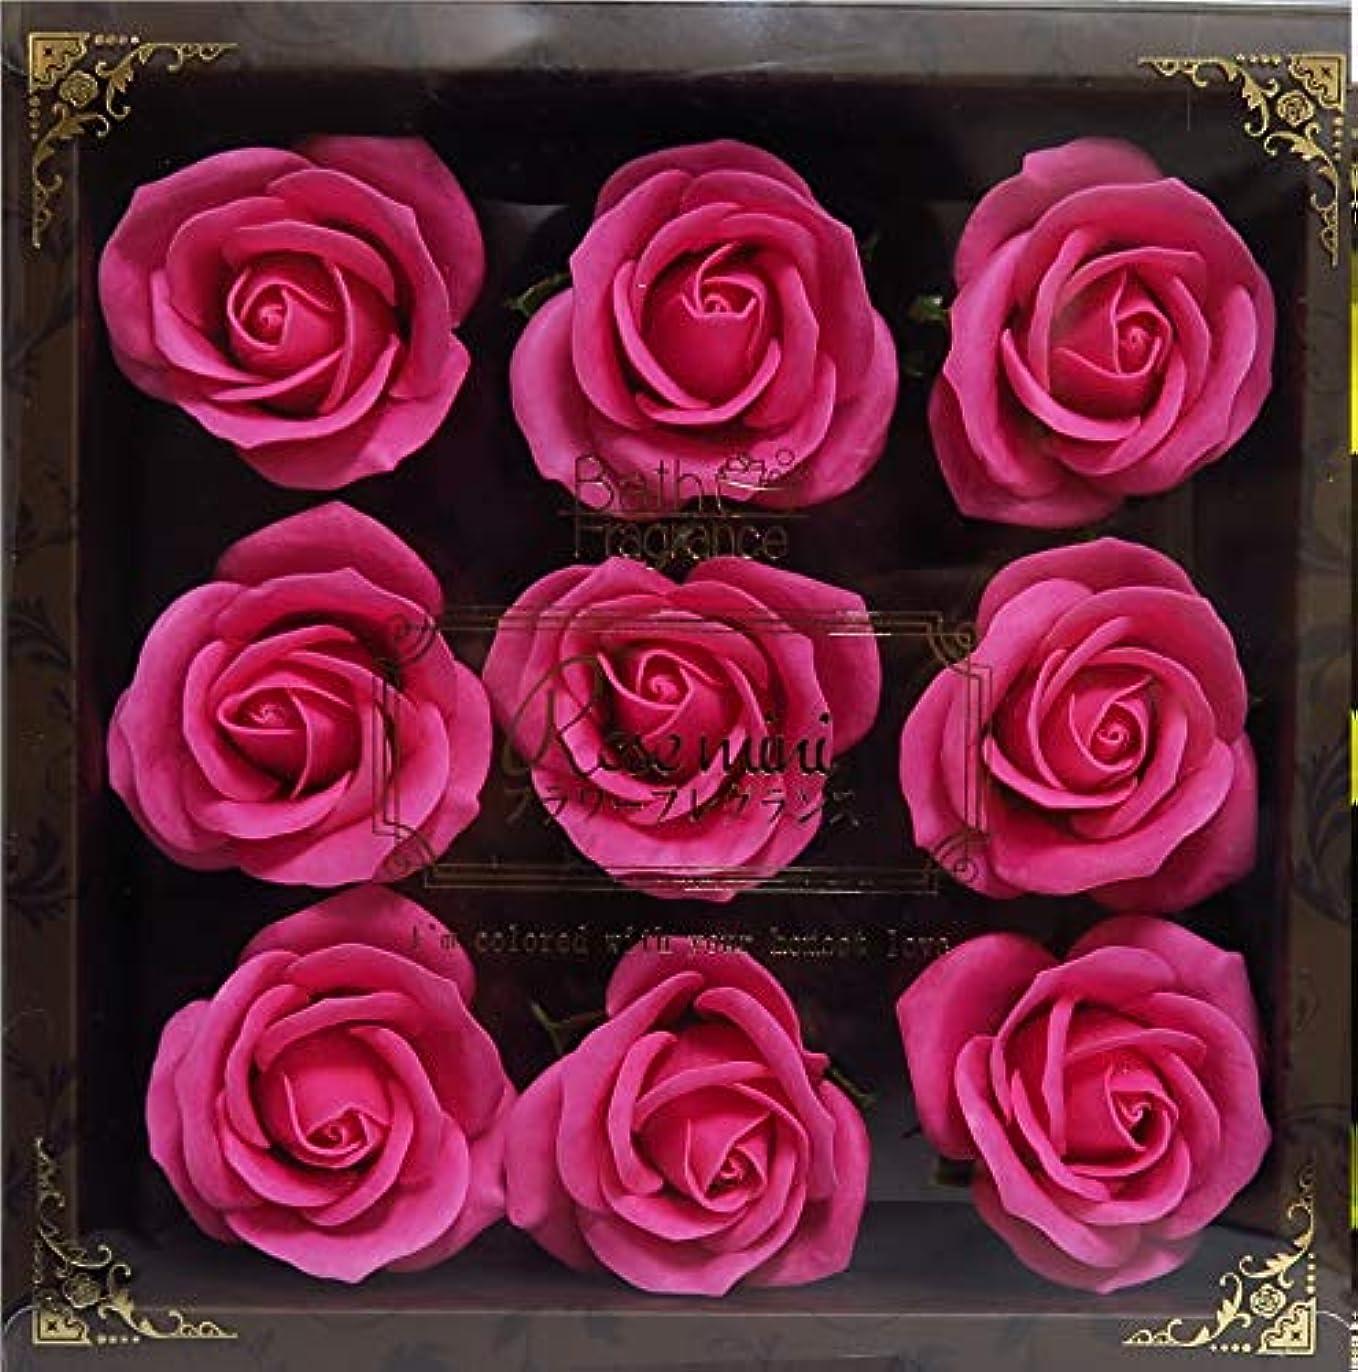 カスケードタイマーと遊ぶバスフレグランス バスフラワー ミニローズフレグランス(L)ローズピンク お花の形の入浴剤